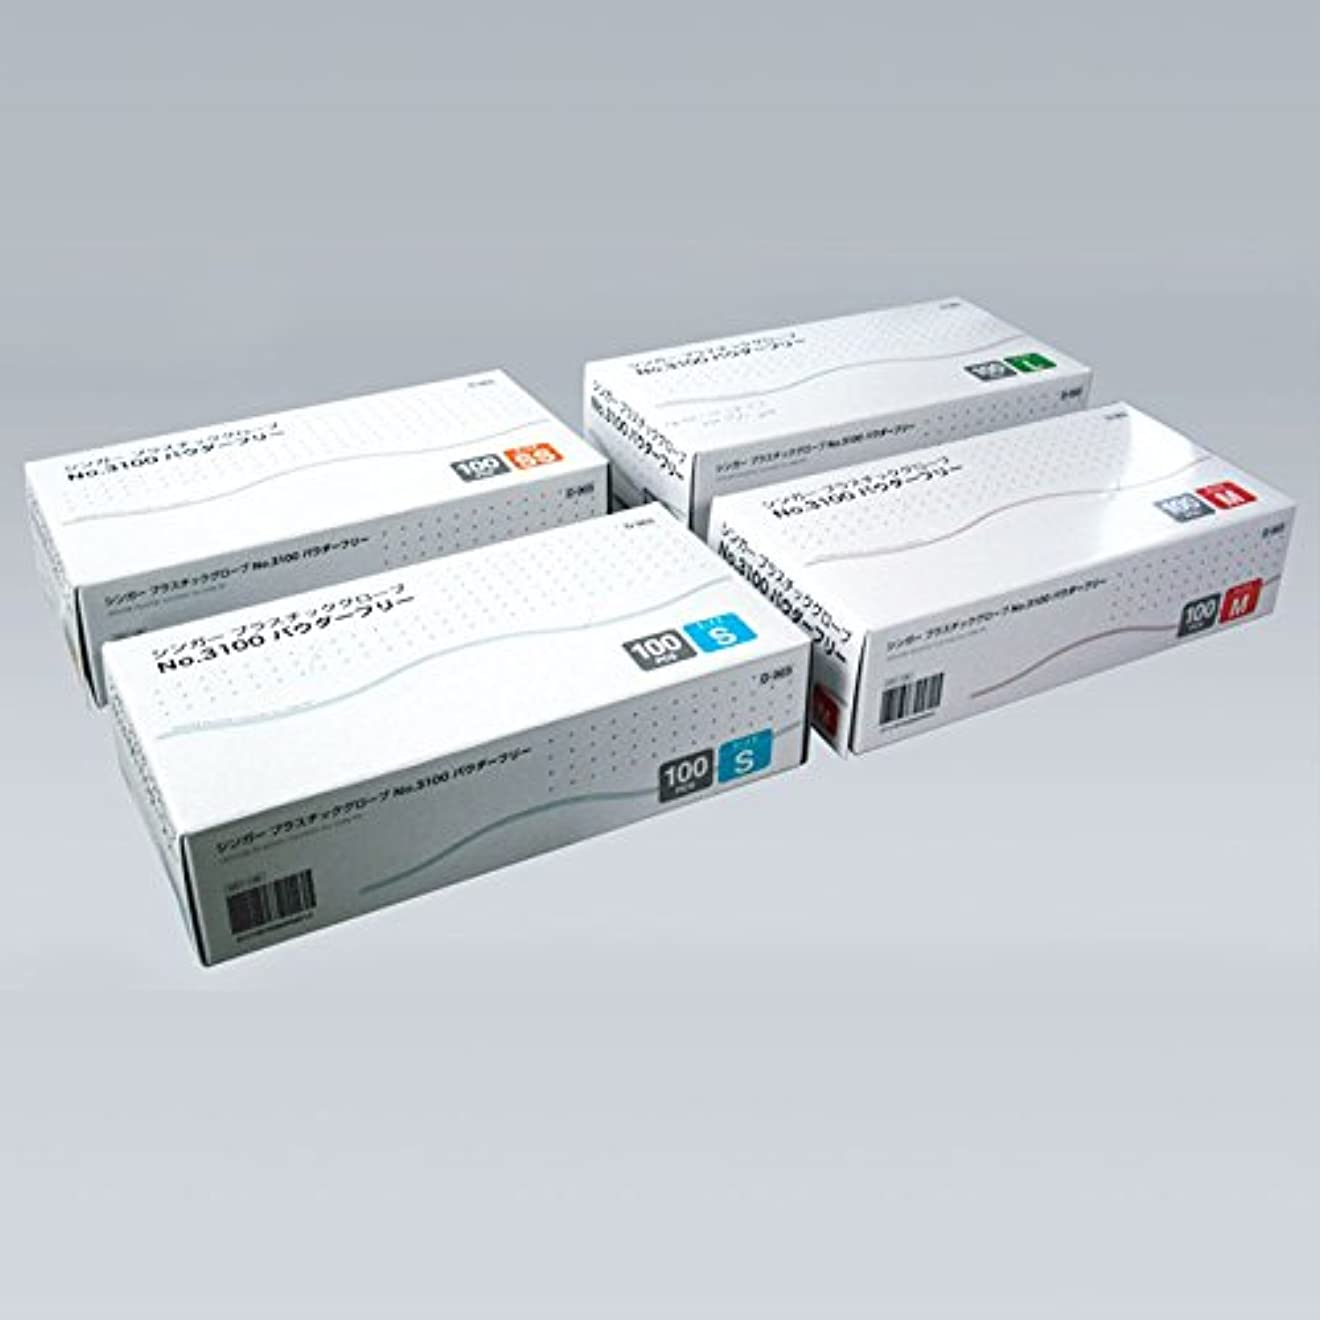 法的嵐が丘メロディーシンガープラスチックグローブNo3100 パウダーフリー1000枚 (100枚入り×10箱) (L)